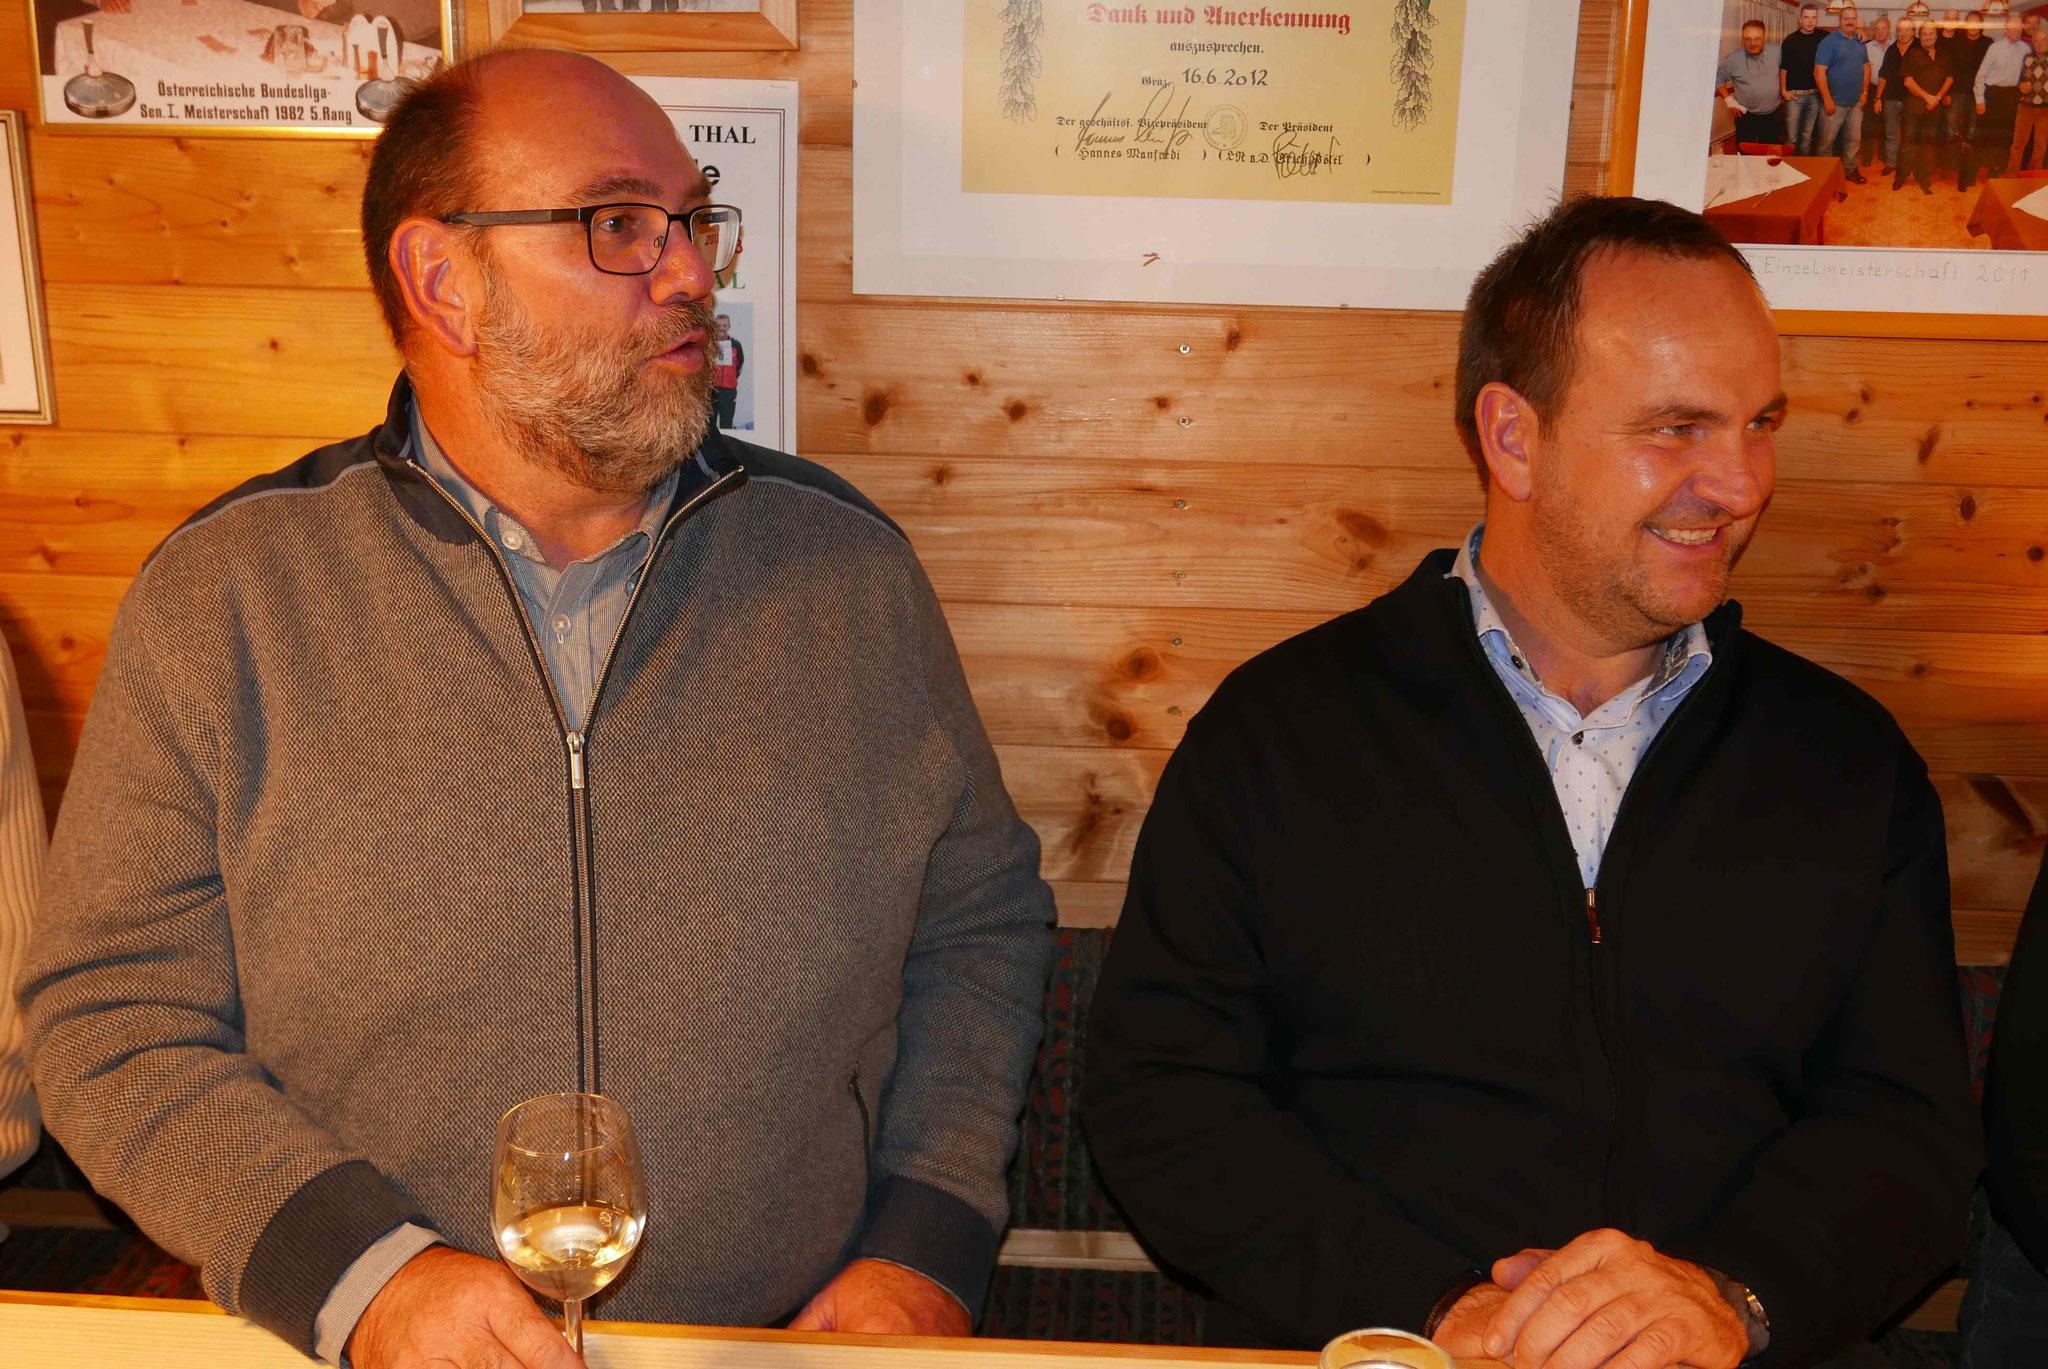 Manfred und Werner Vipautz